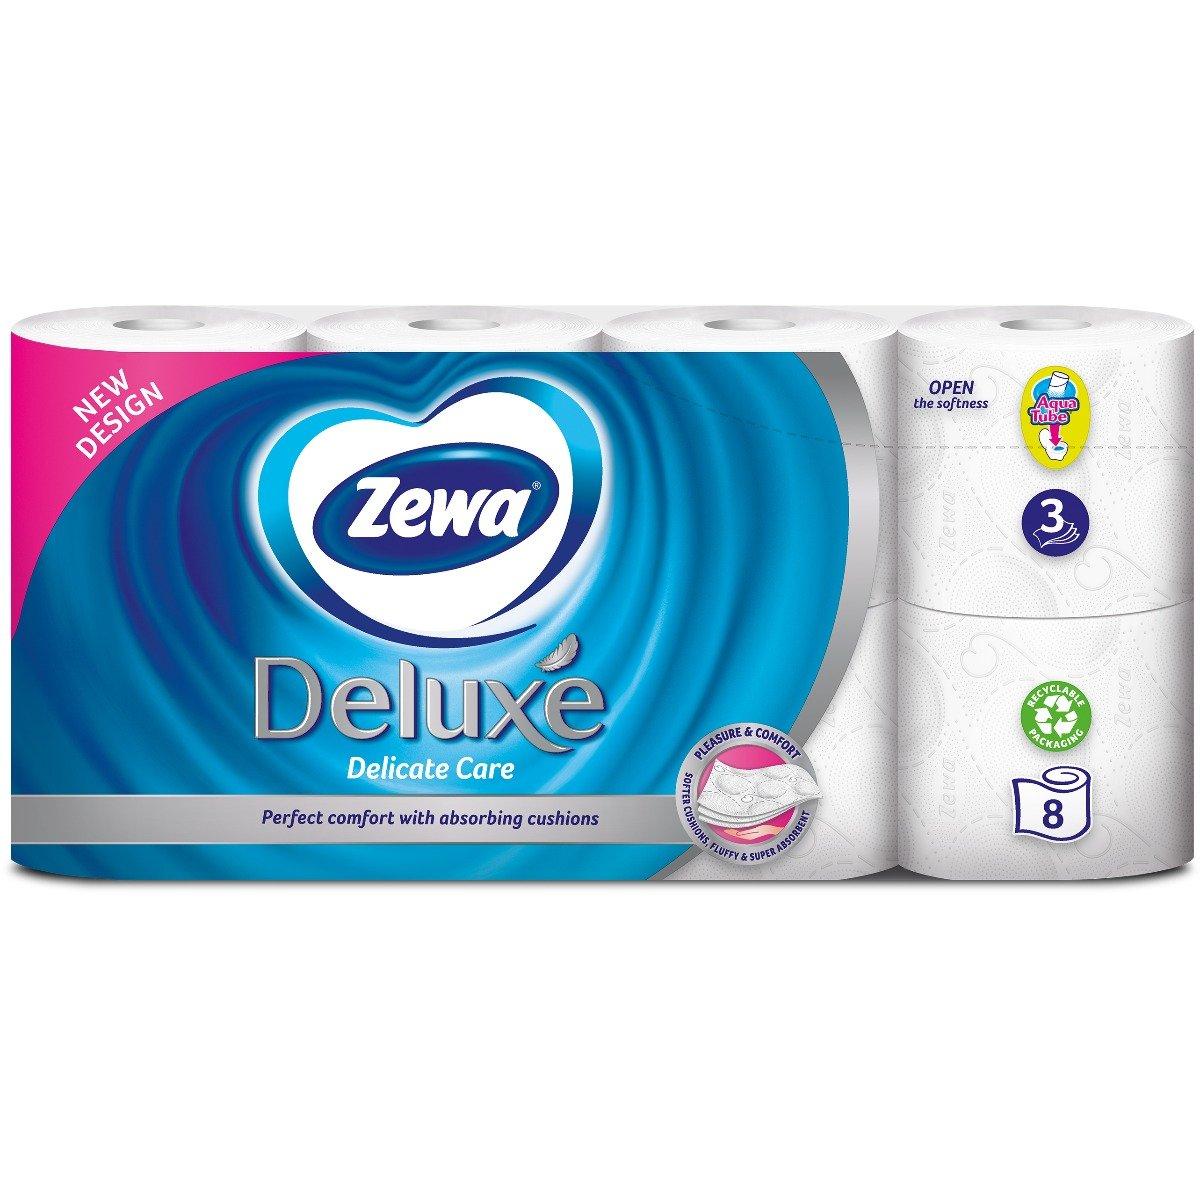 Hartie igienica Zewa Deluxe Delicate Care, 3 straturi, 8 role imagine